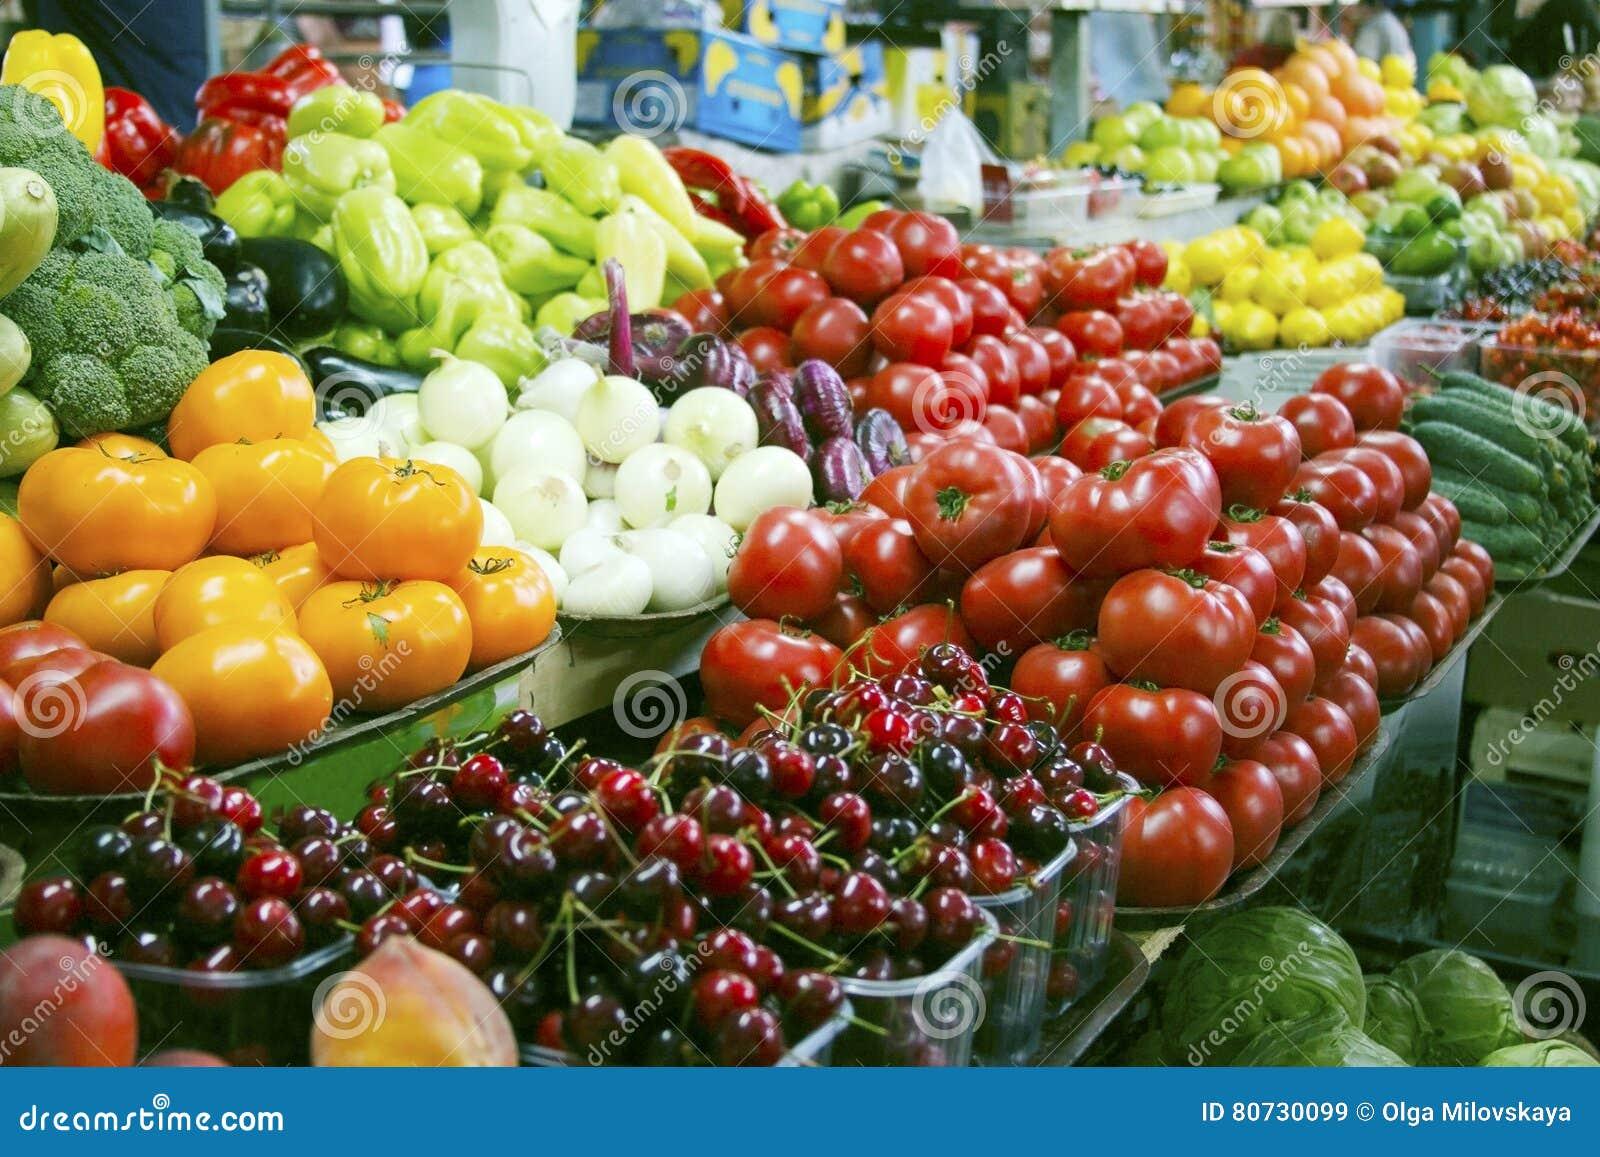 Φρέσκα λαχανικά και φρούτα στην αγορά γεωργικών προϊόντων αγροτών